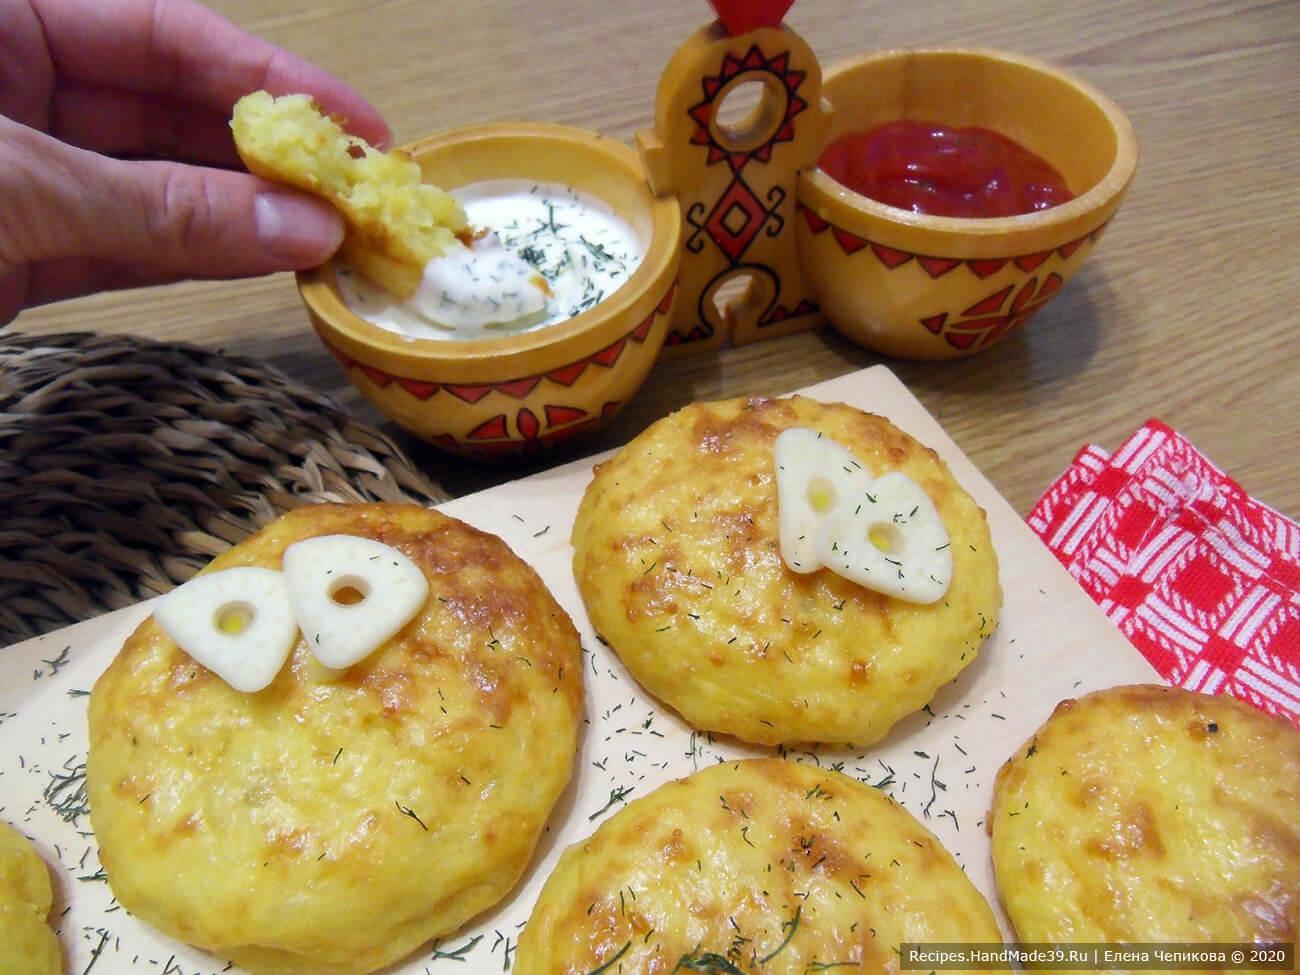 Картофельные оладьи запекать до золотистой корочки в духовке, предварительно разогретой до температуры 180 °C